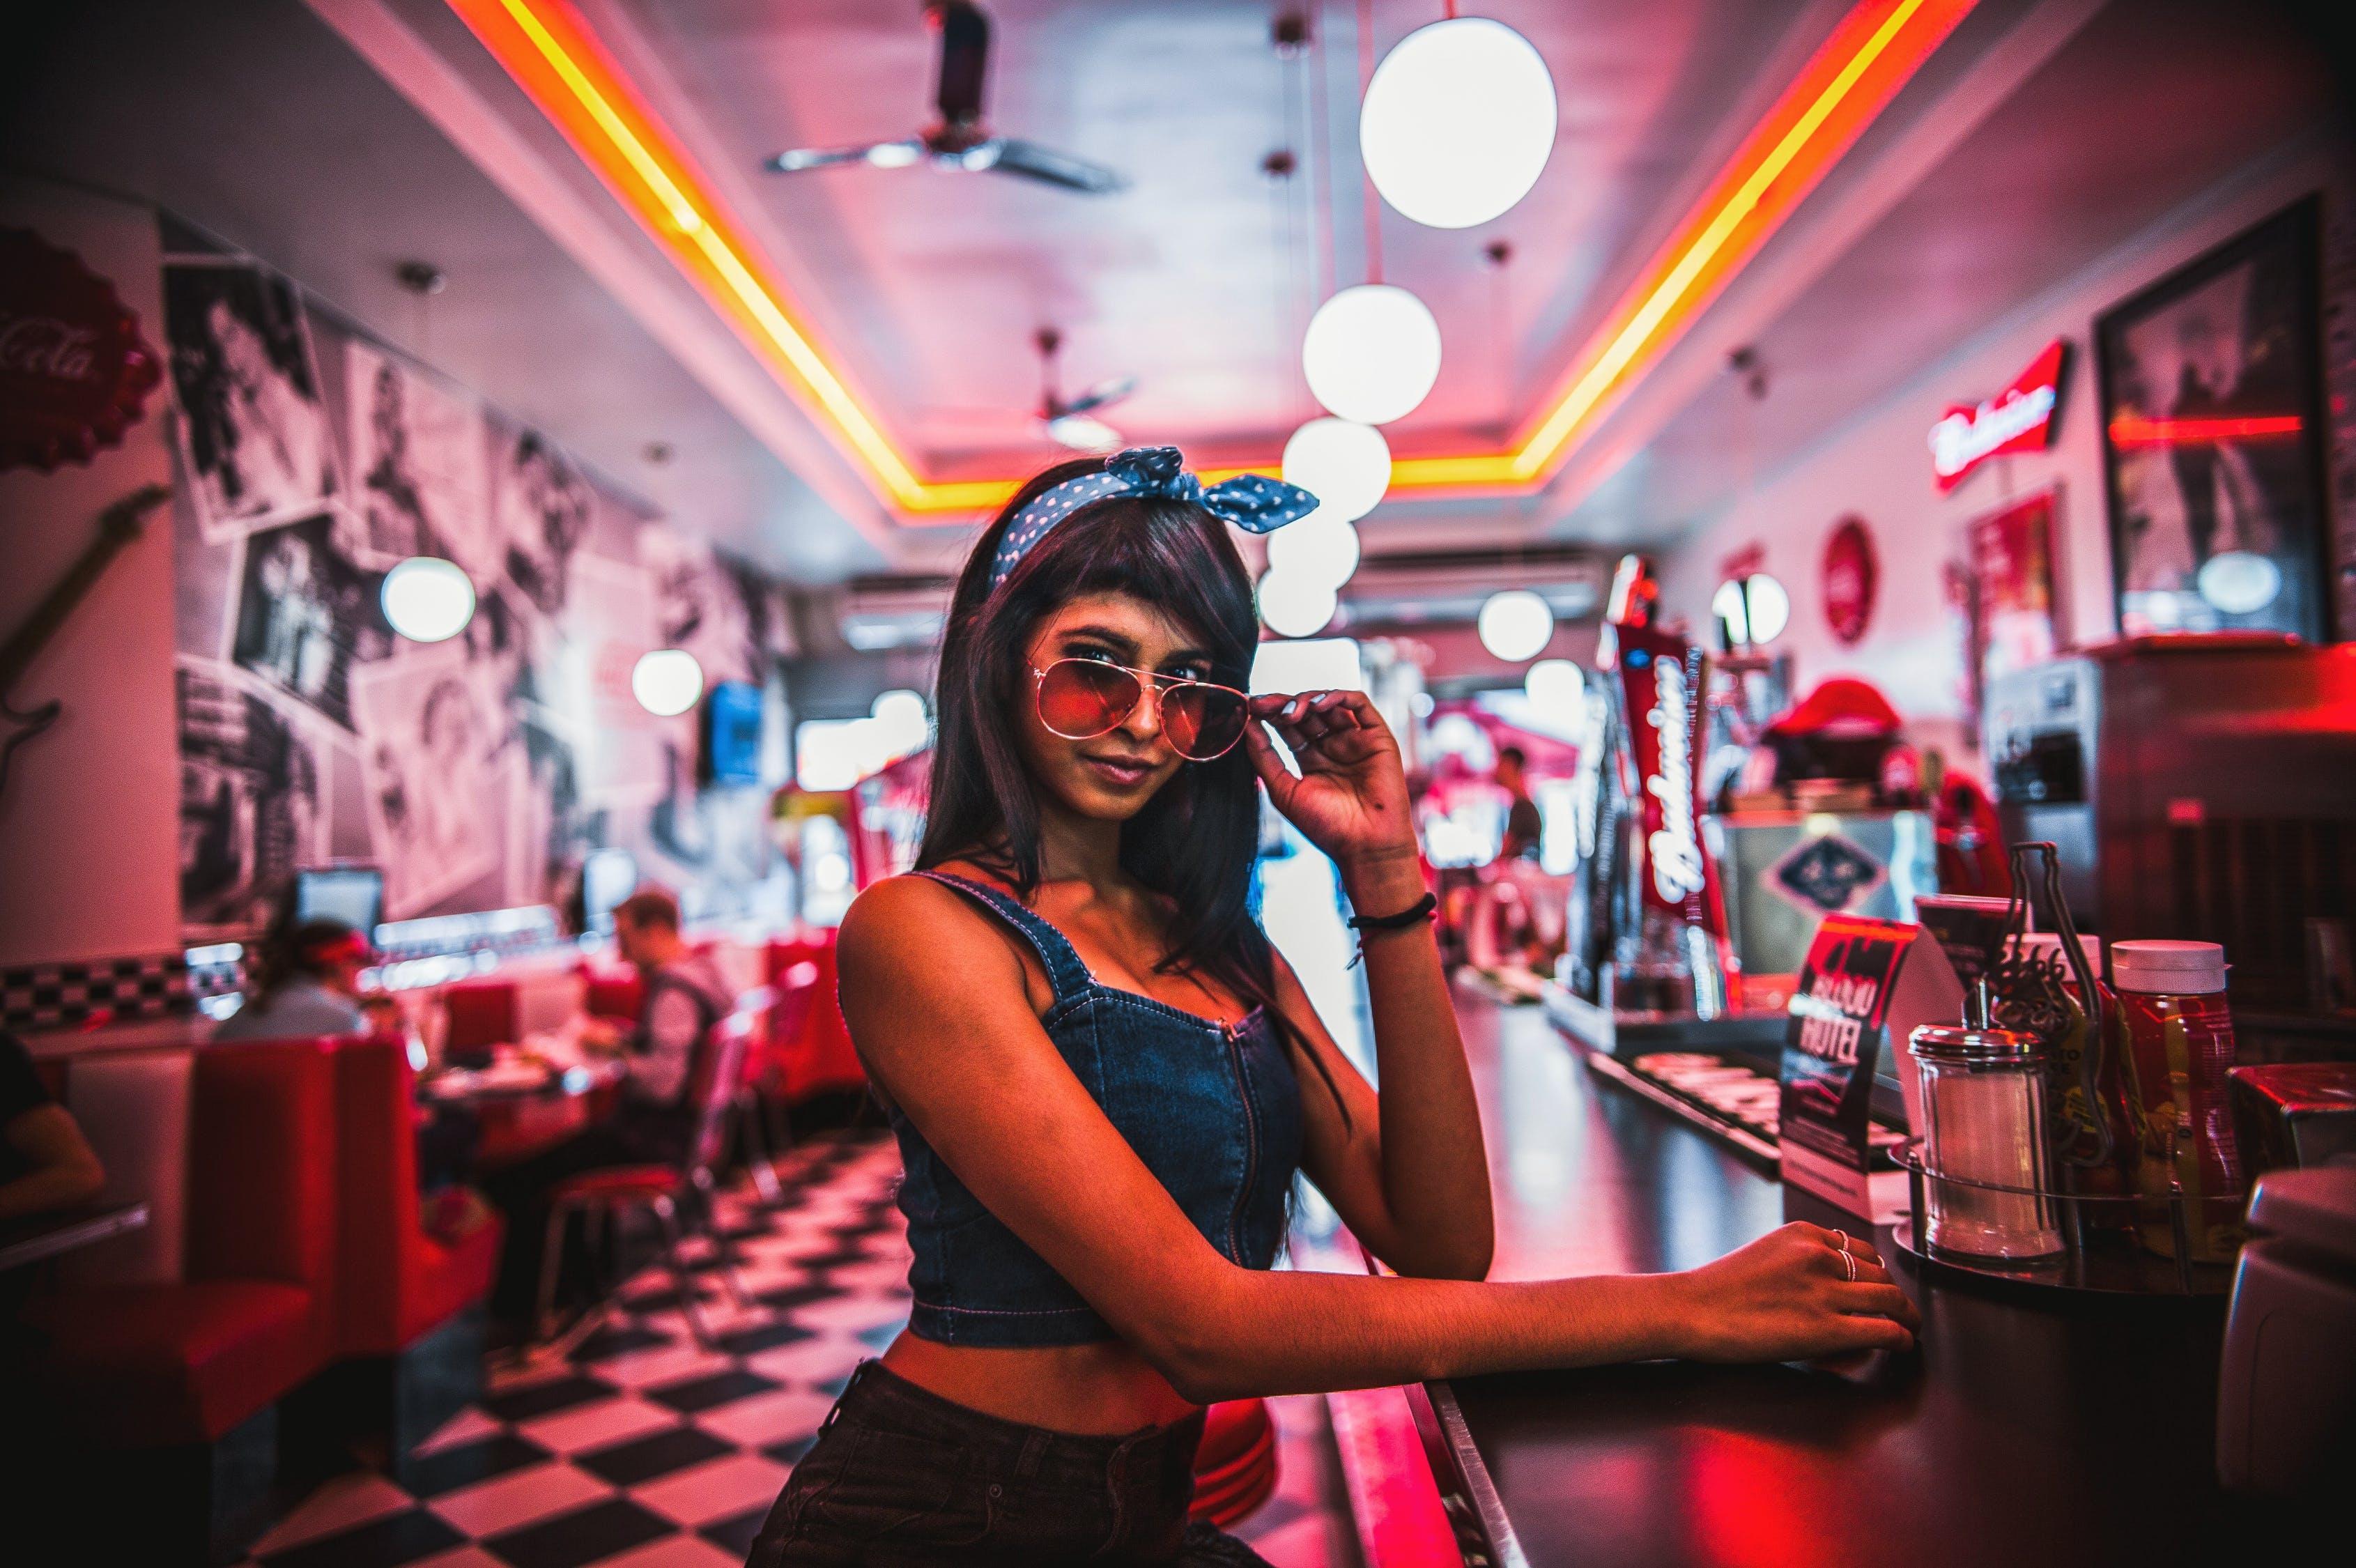 Как одеться в ночной клуб, чтобы выглядеть стильно и прилично? Советы стилиста